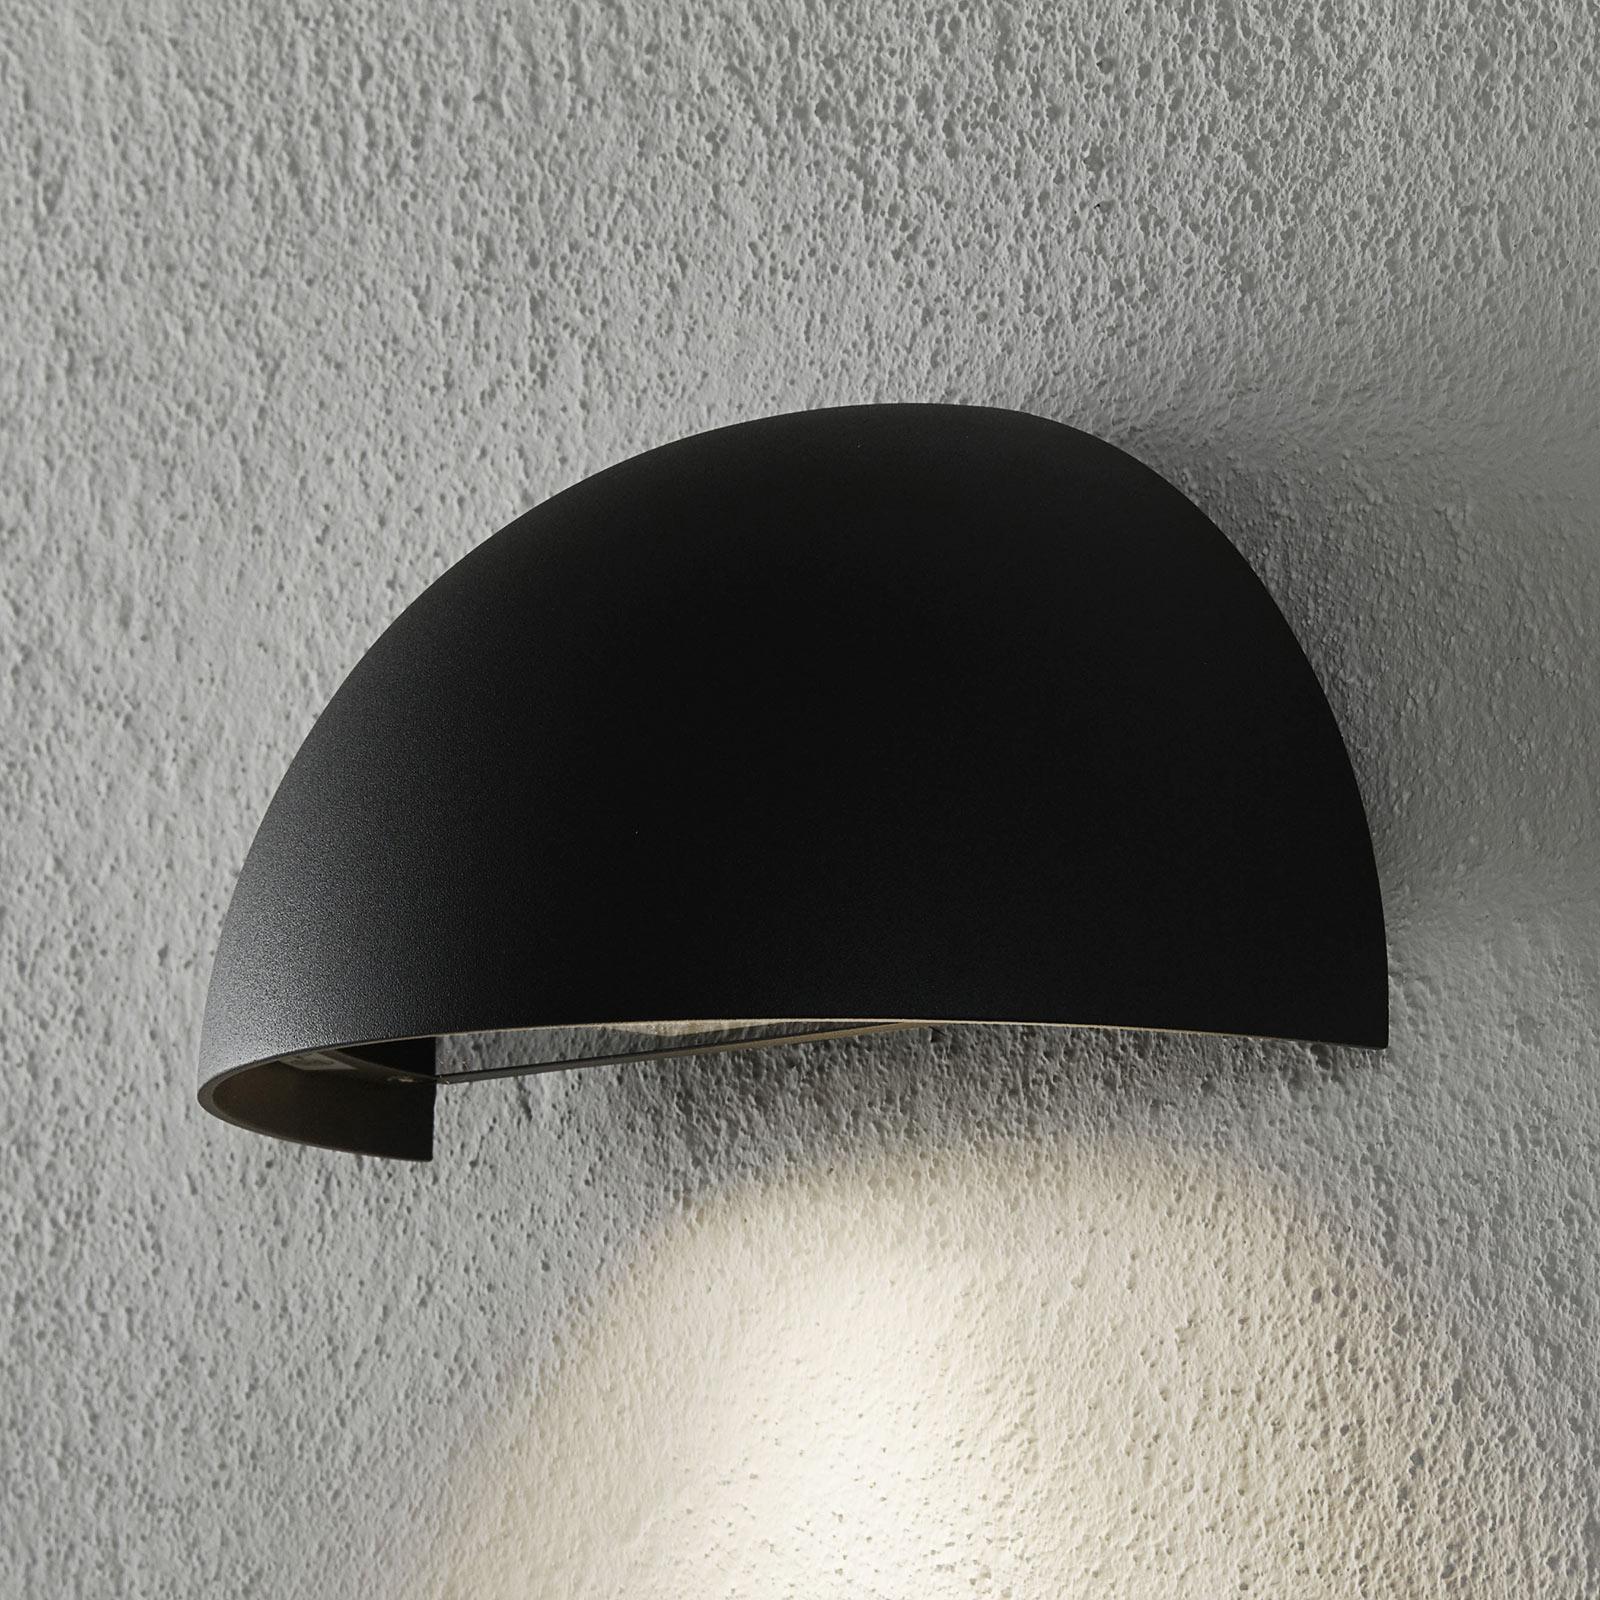 Zewnętrzna lampa ścienna Atina, półokrągła, szara